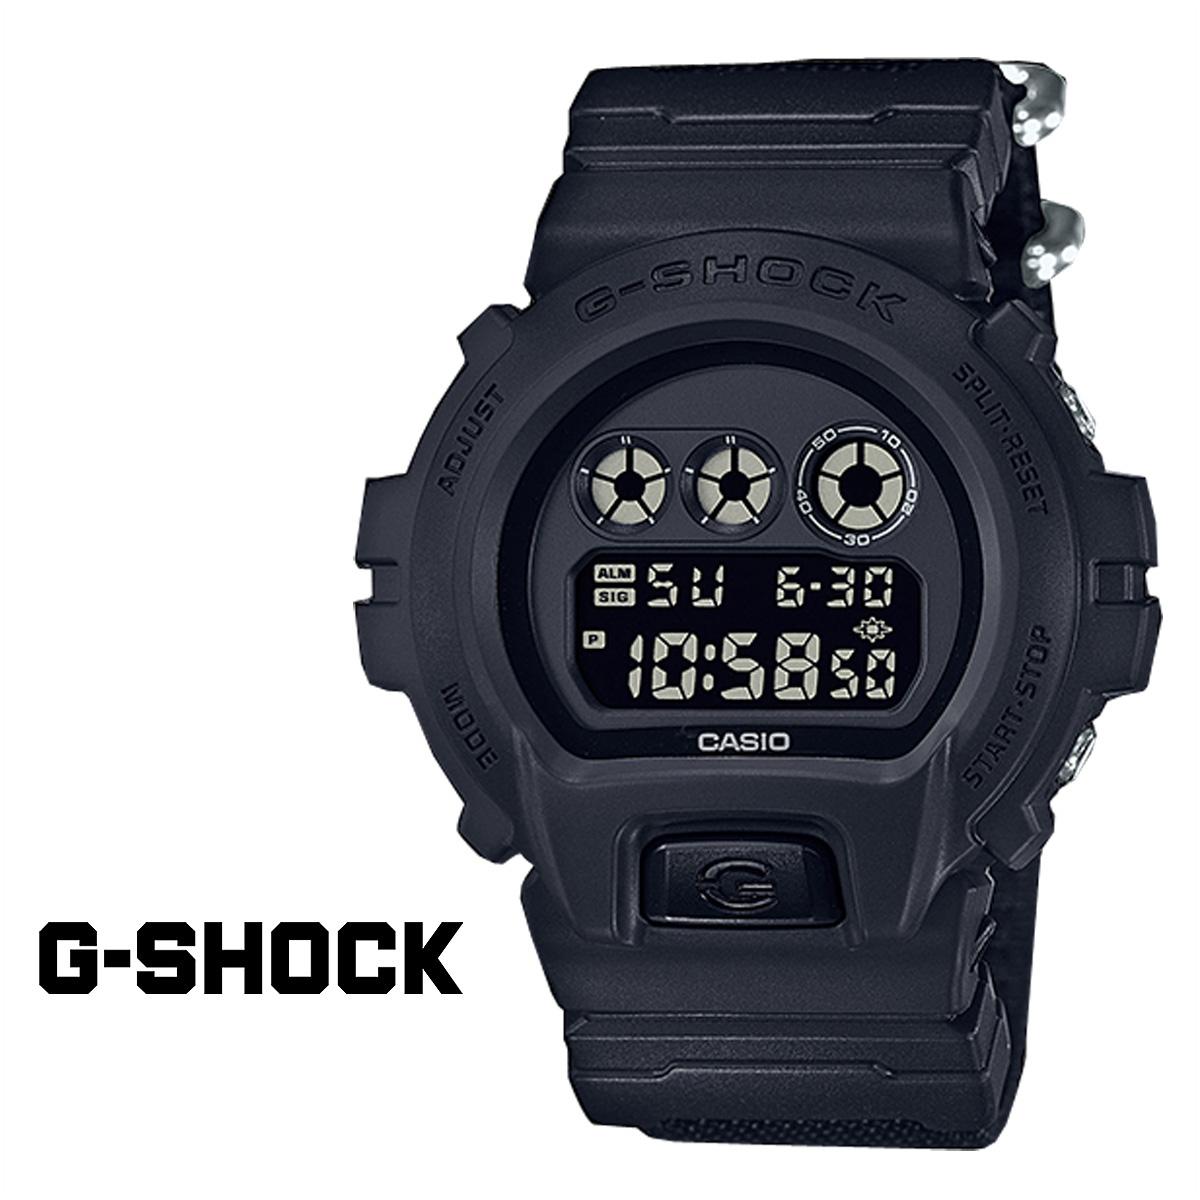 【最大2000円OFFクーポン】 カシオ CASIO G-SHOCK 腕時計 ブラック DW-6900BBN-1JF 6900 ジーショック Gショック G-ショック メンズ